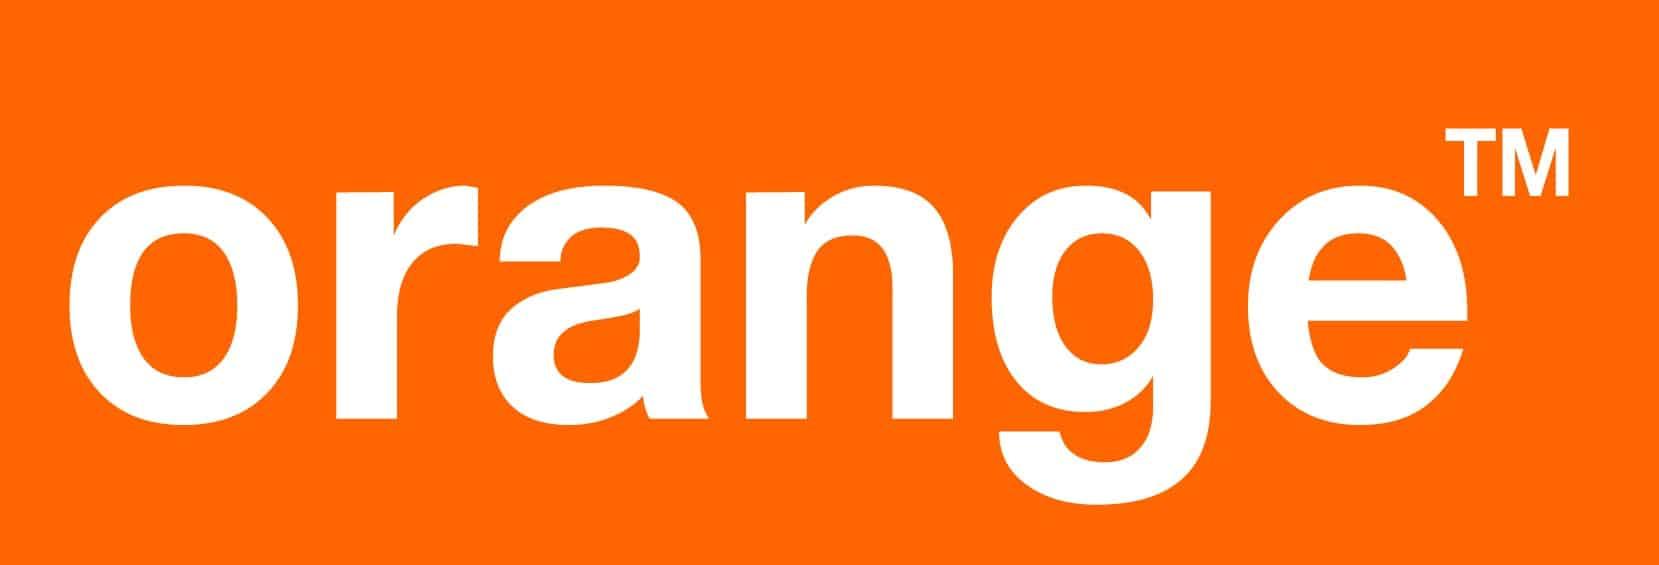 Austria Orange (One) iPhone Premijum servis za otključavanje